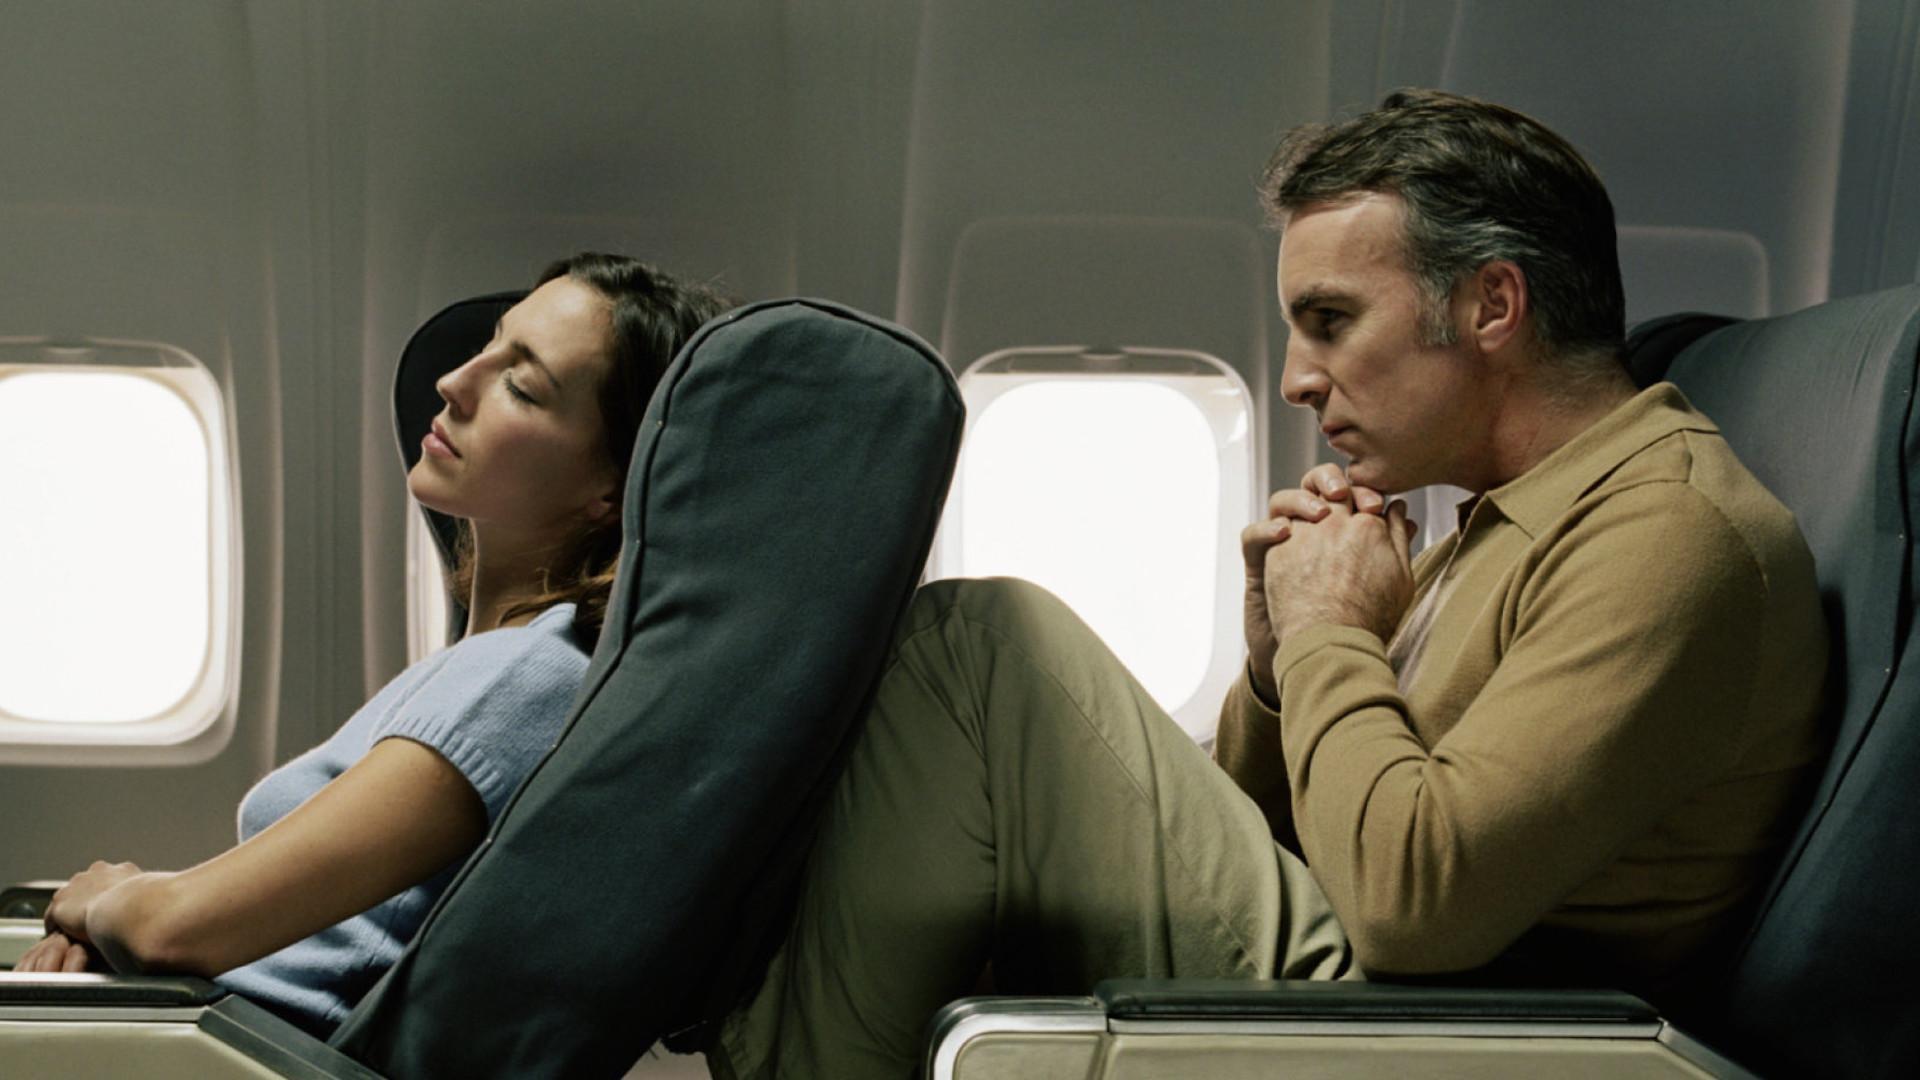 Este es el ranking de los pasajeros más molestos en un avión